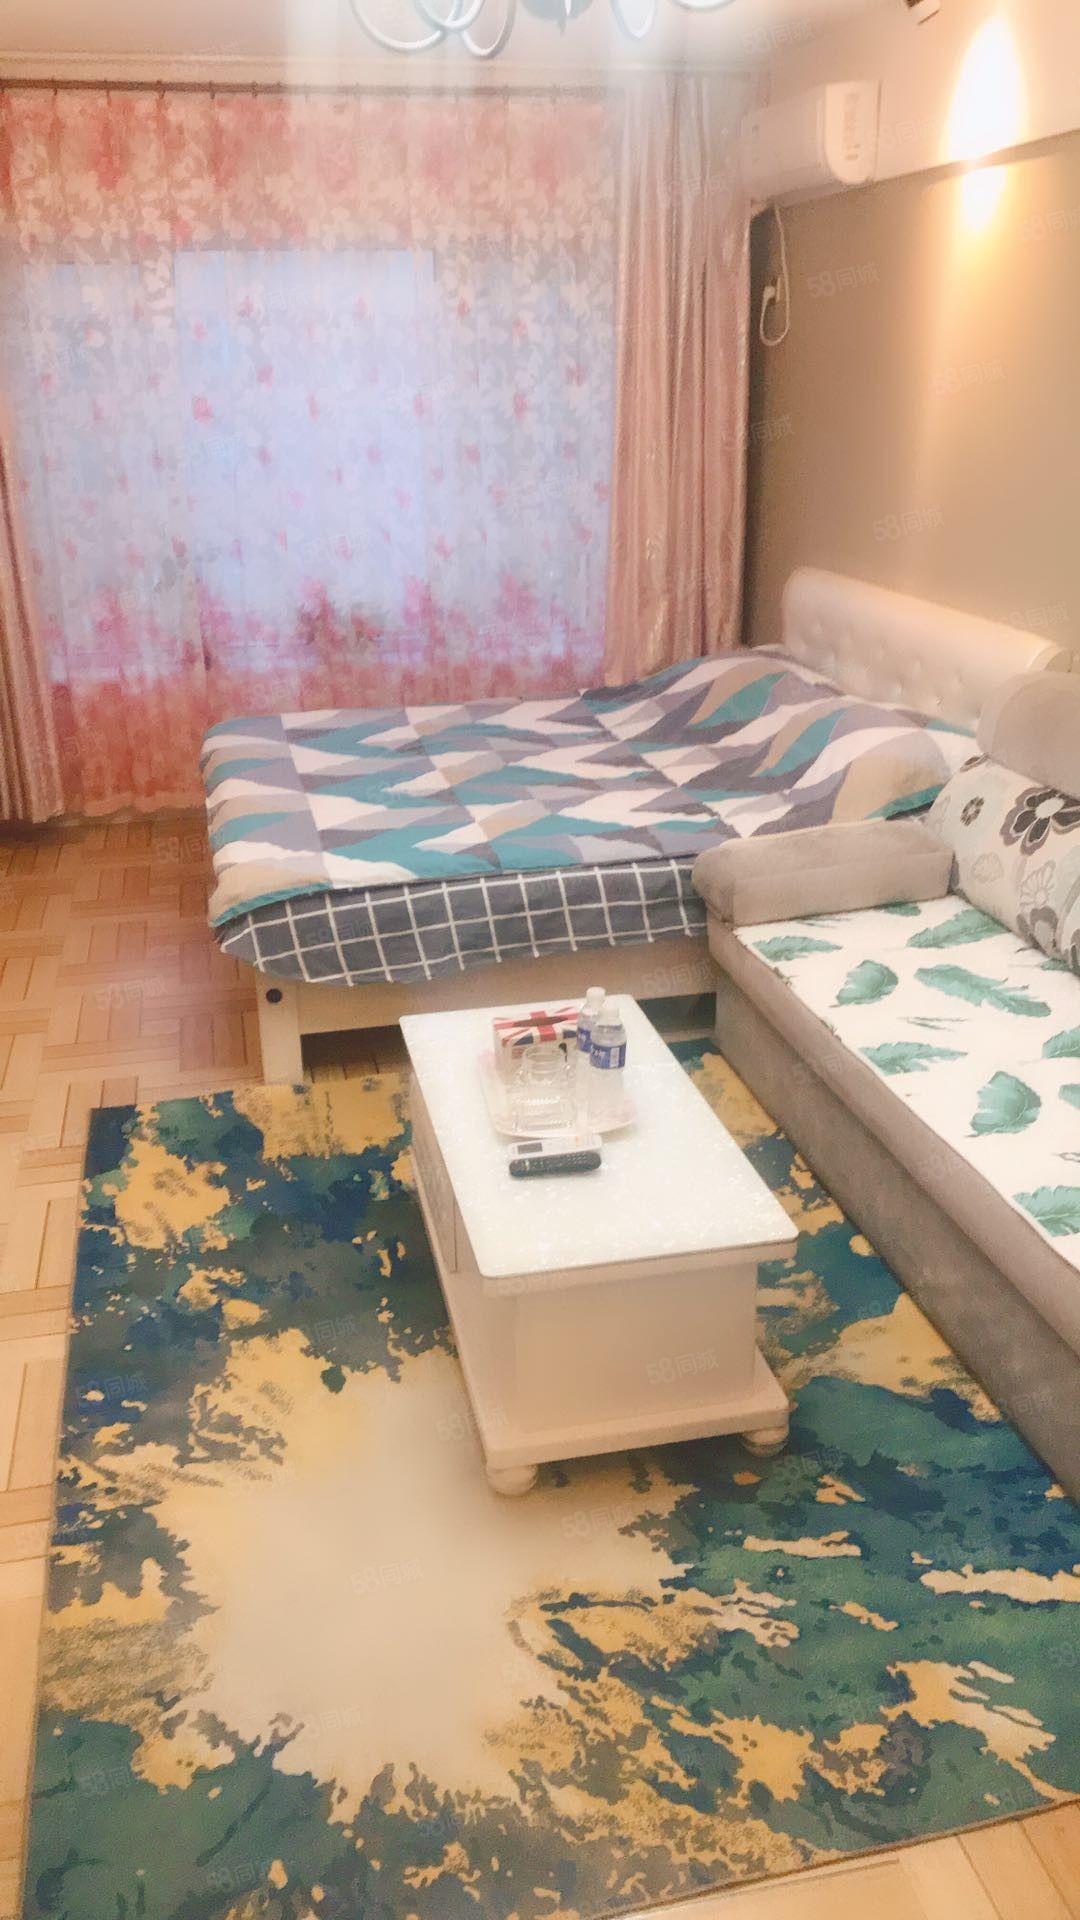 公寓日租房可以月租也可以日租铂金时代